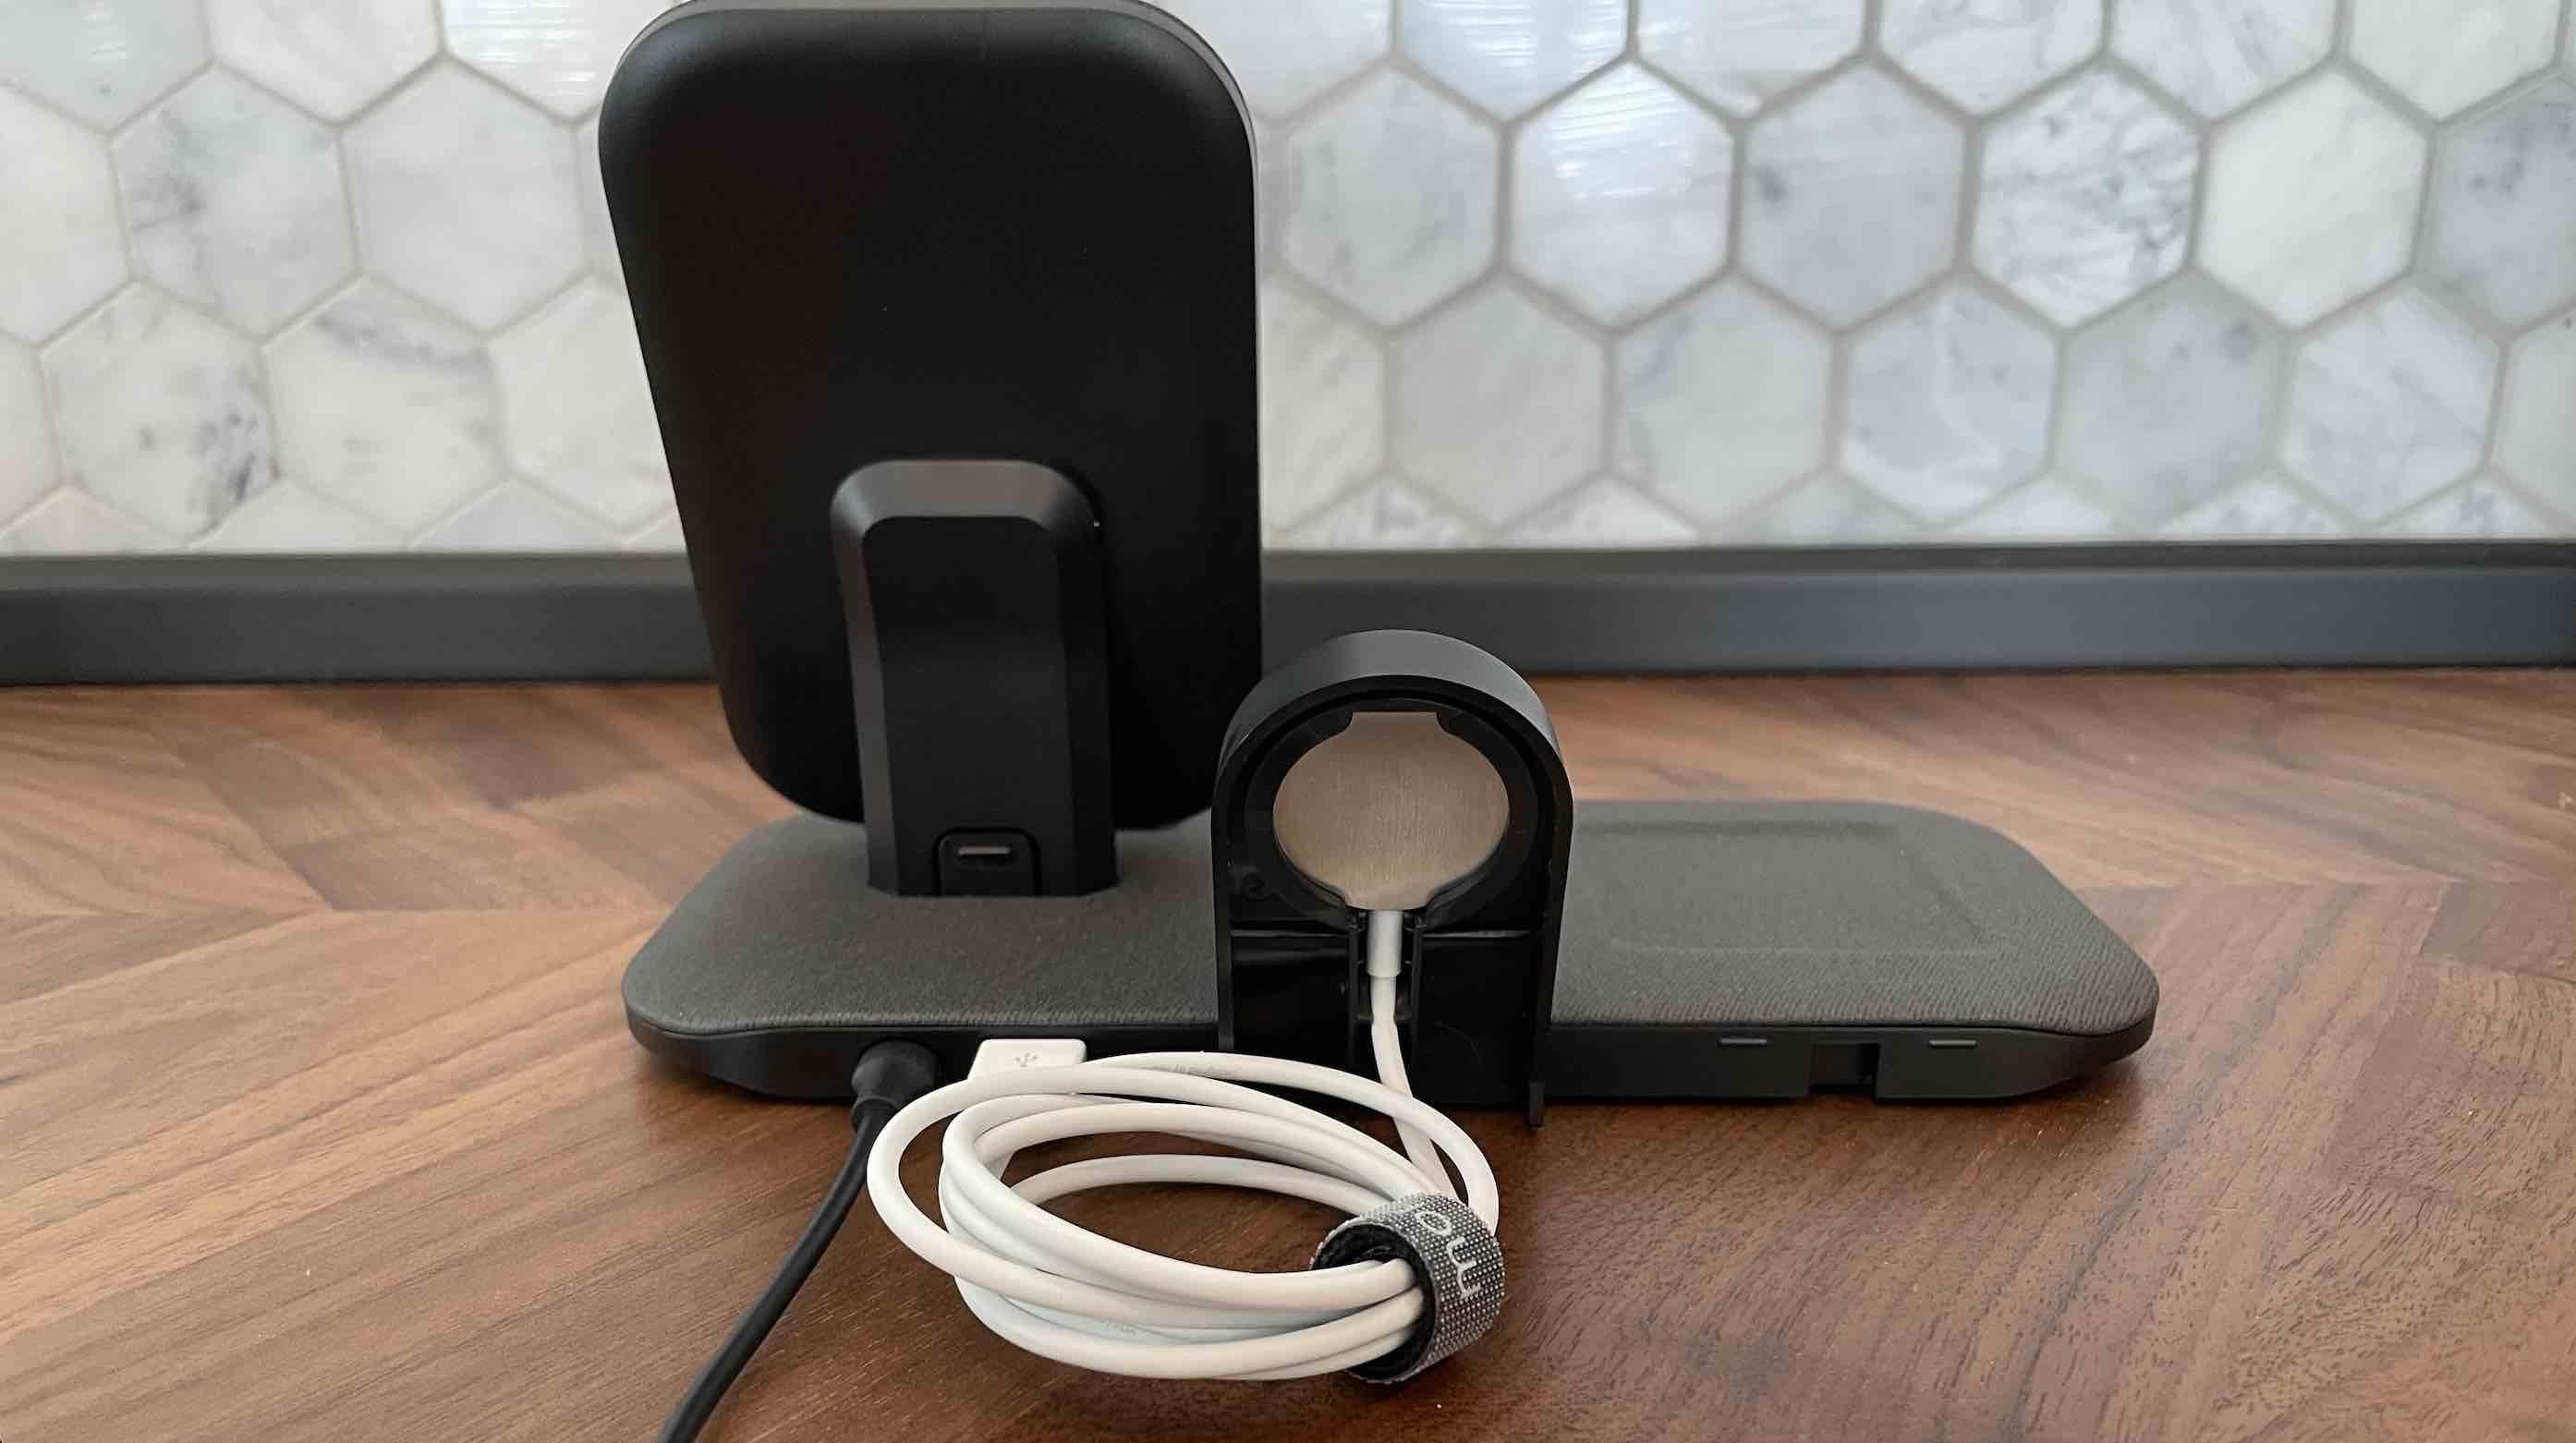 Vista trasera de la estación de carga Mophie + para Apple Watch, iPhone, AirPods